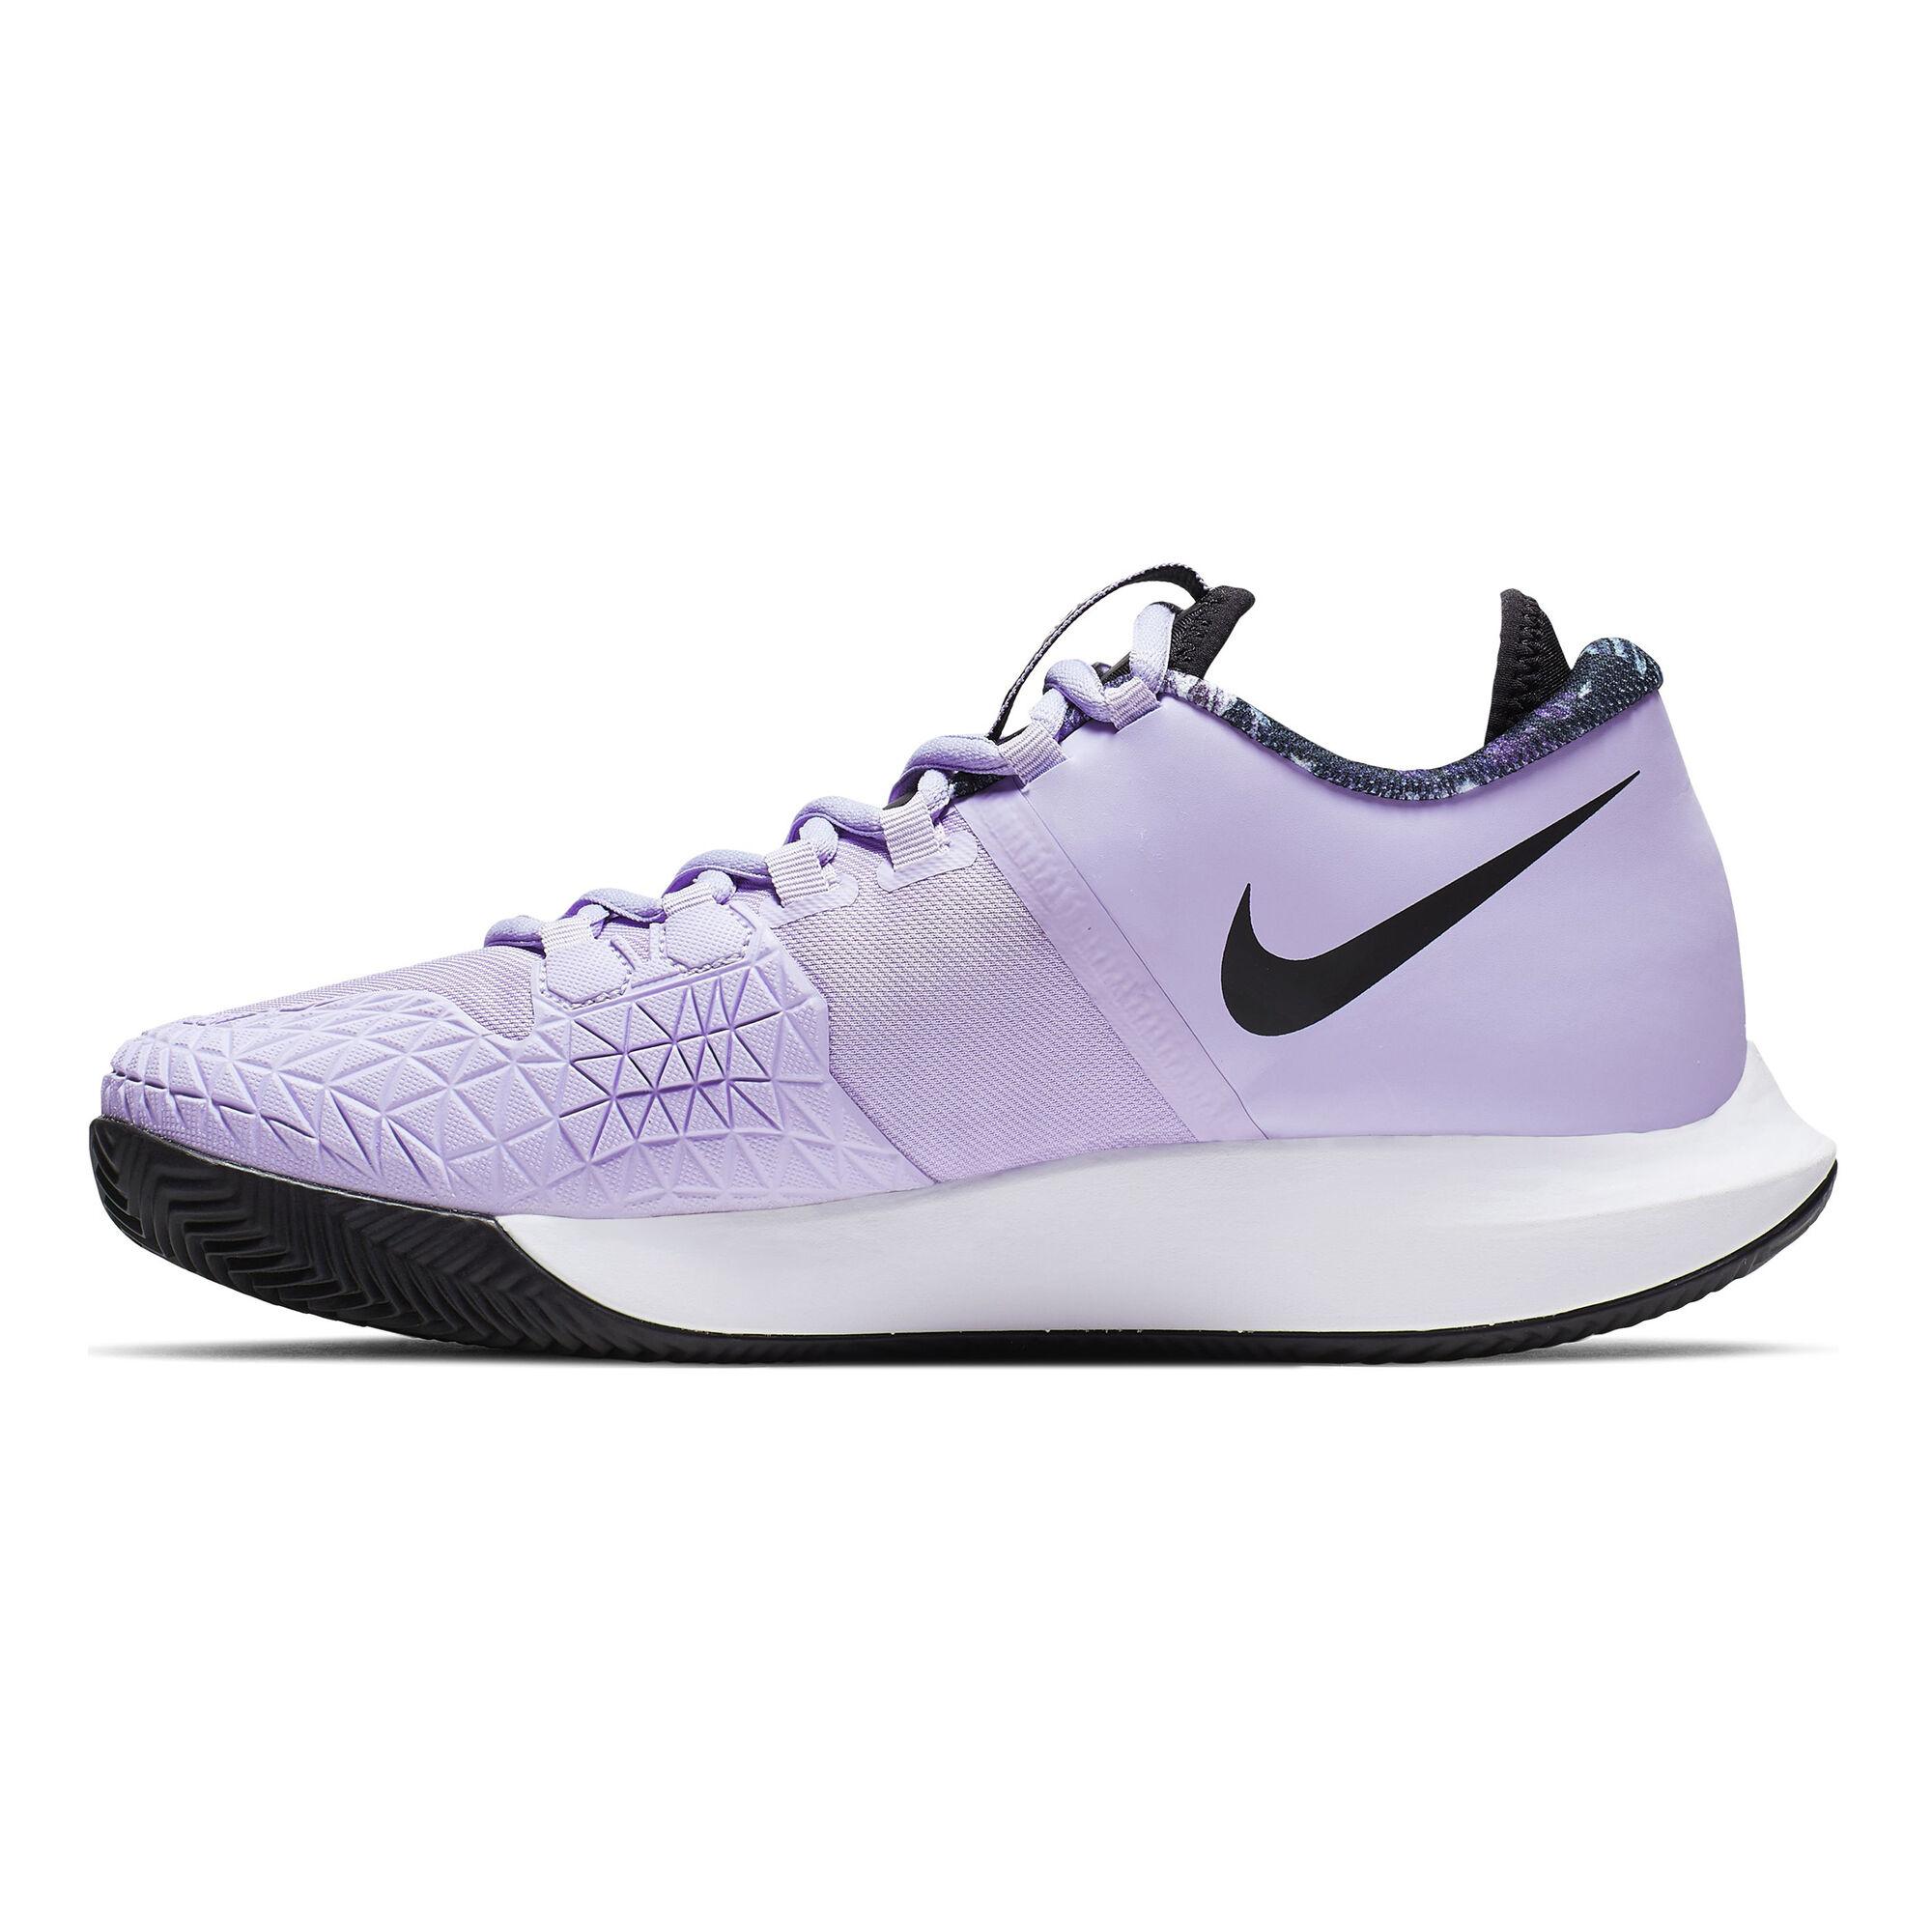 réplica barato Inyección  Nike Air Zoom Zero Clay Zapatilla Tierra Batida Mujeres - Morado, Negro  compra online | Tennis-Point